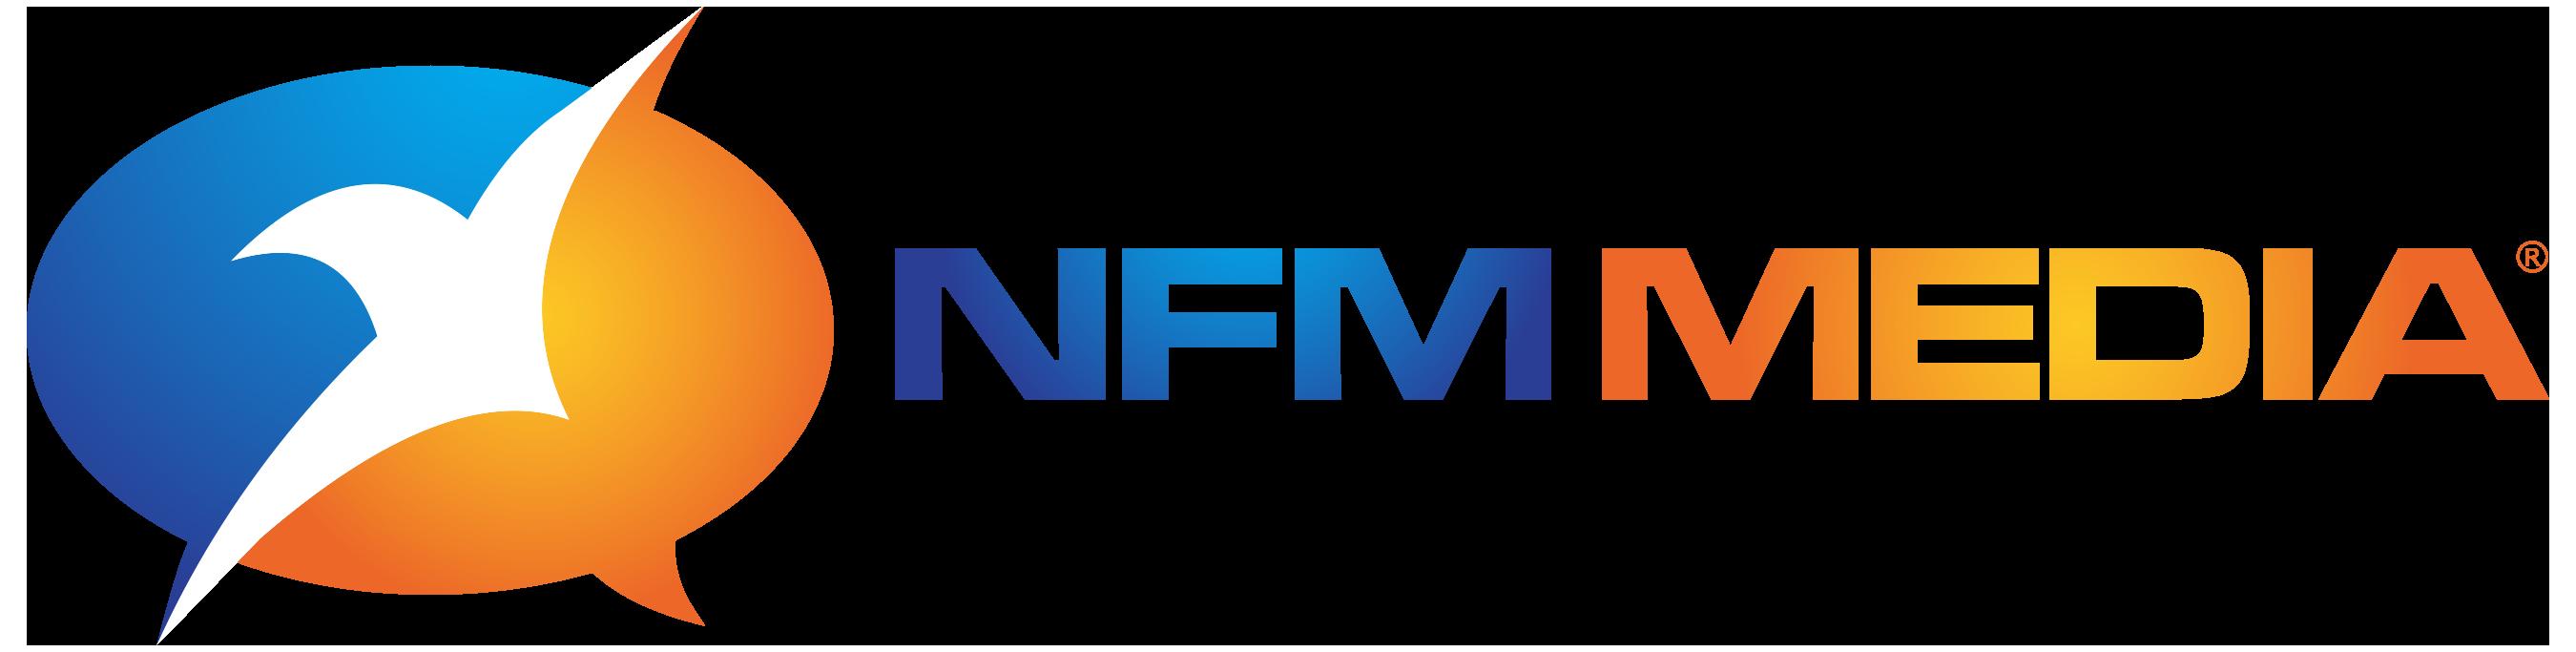 nfmmedia.net